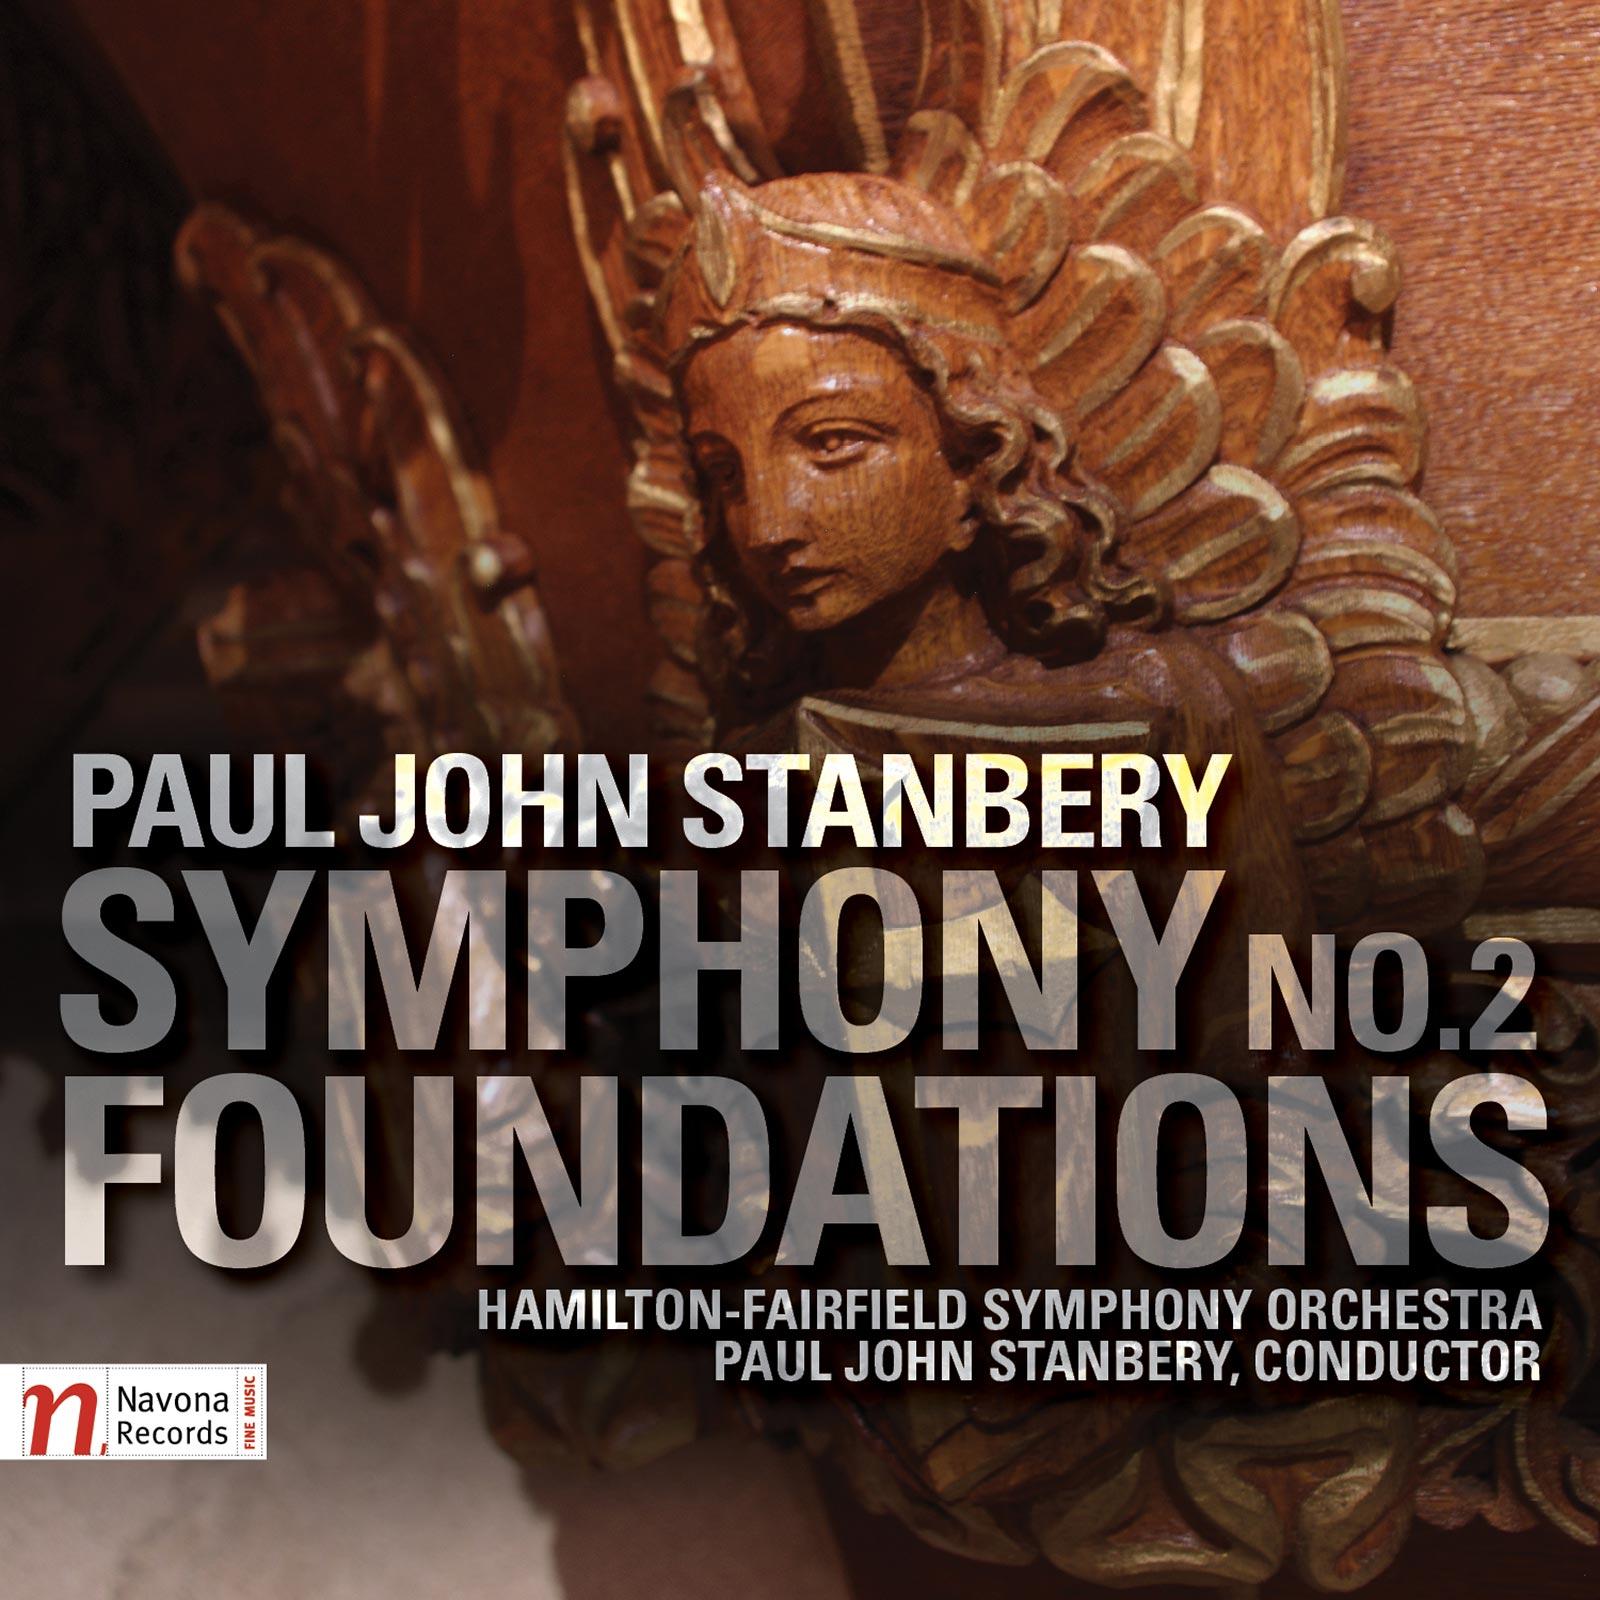 SYMPHONY NO. 2: FOUNDATIONS - album cover